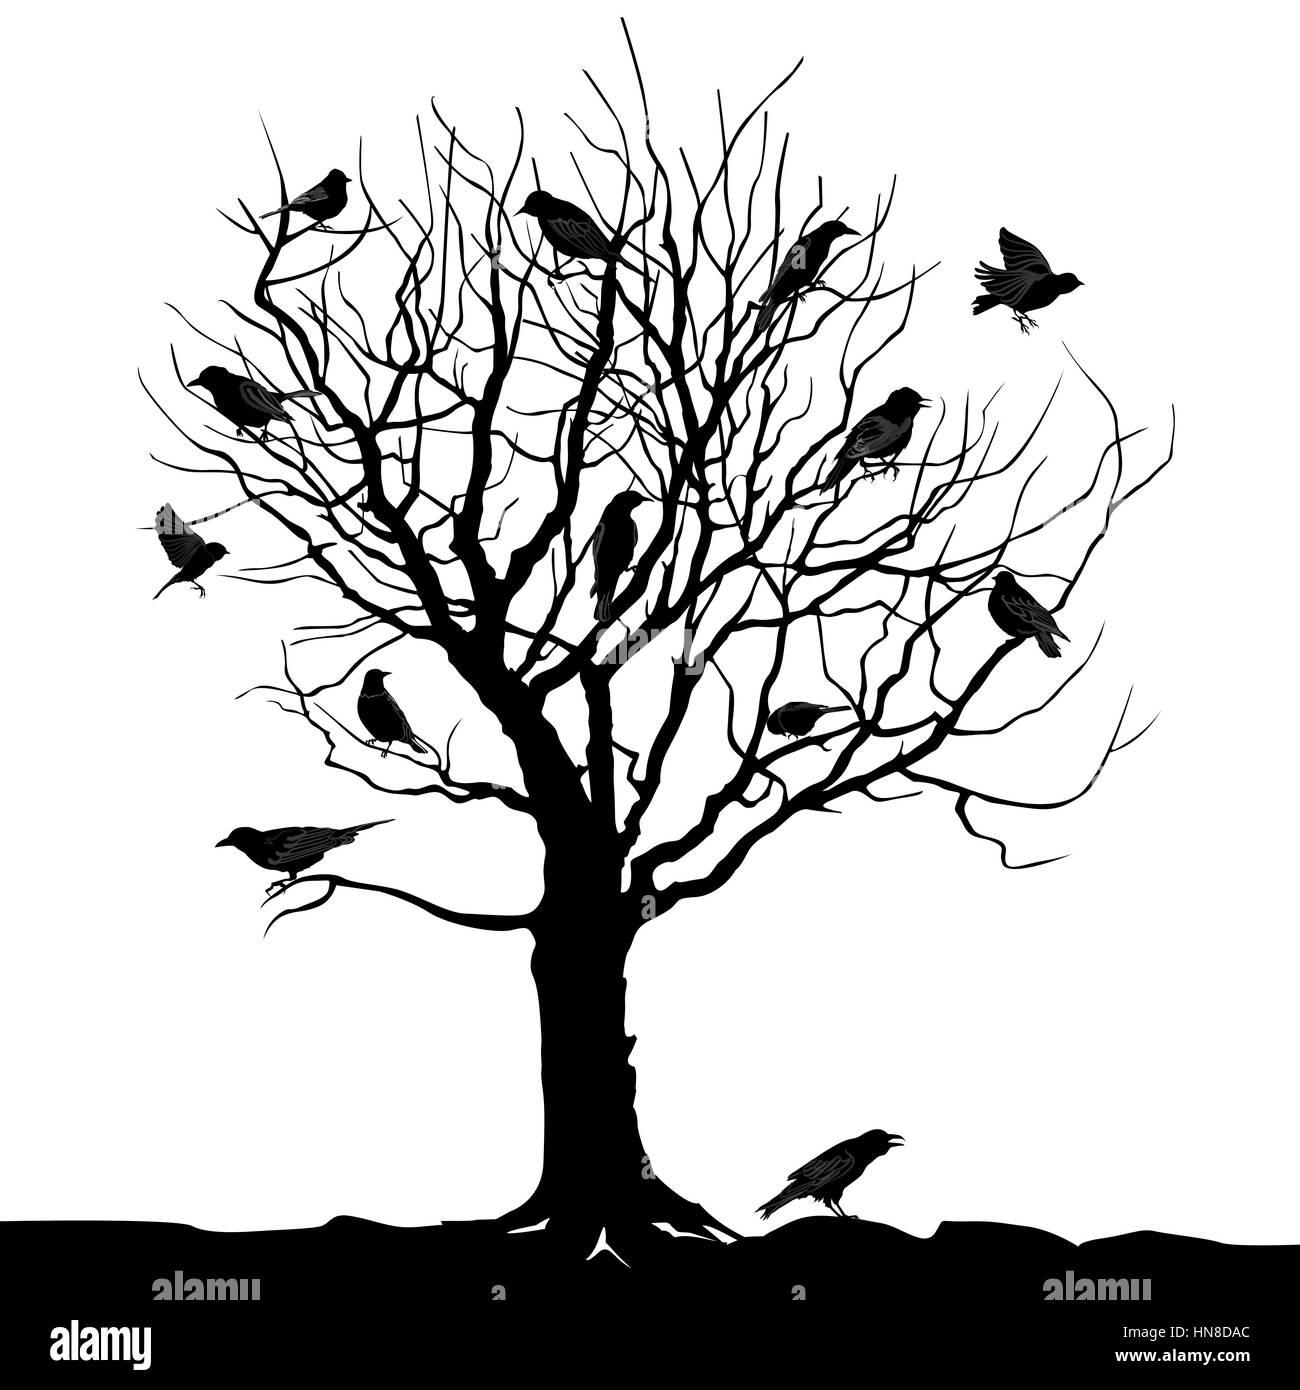 Winter Baum mit Vögel auf Zweig Silhouette Vektorgrafik Stock Vektor